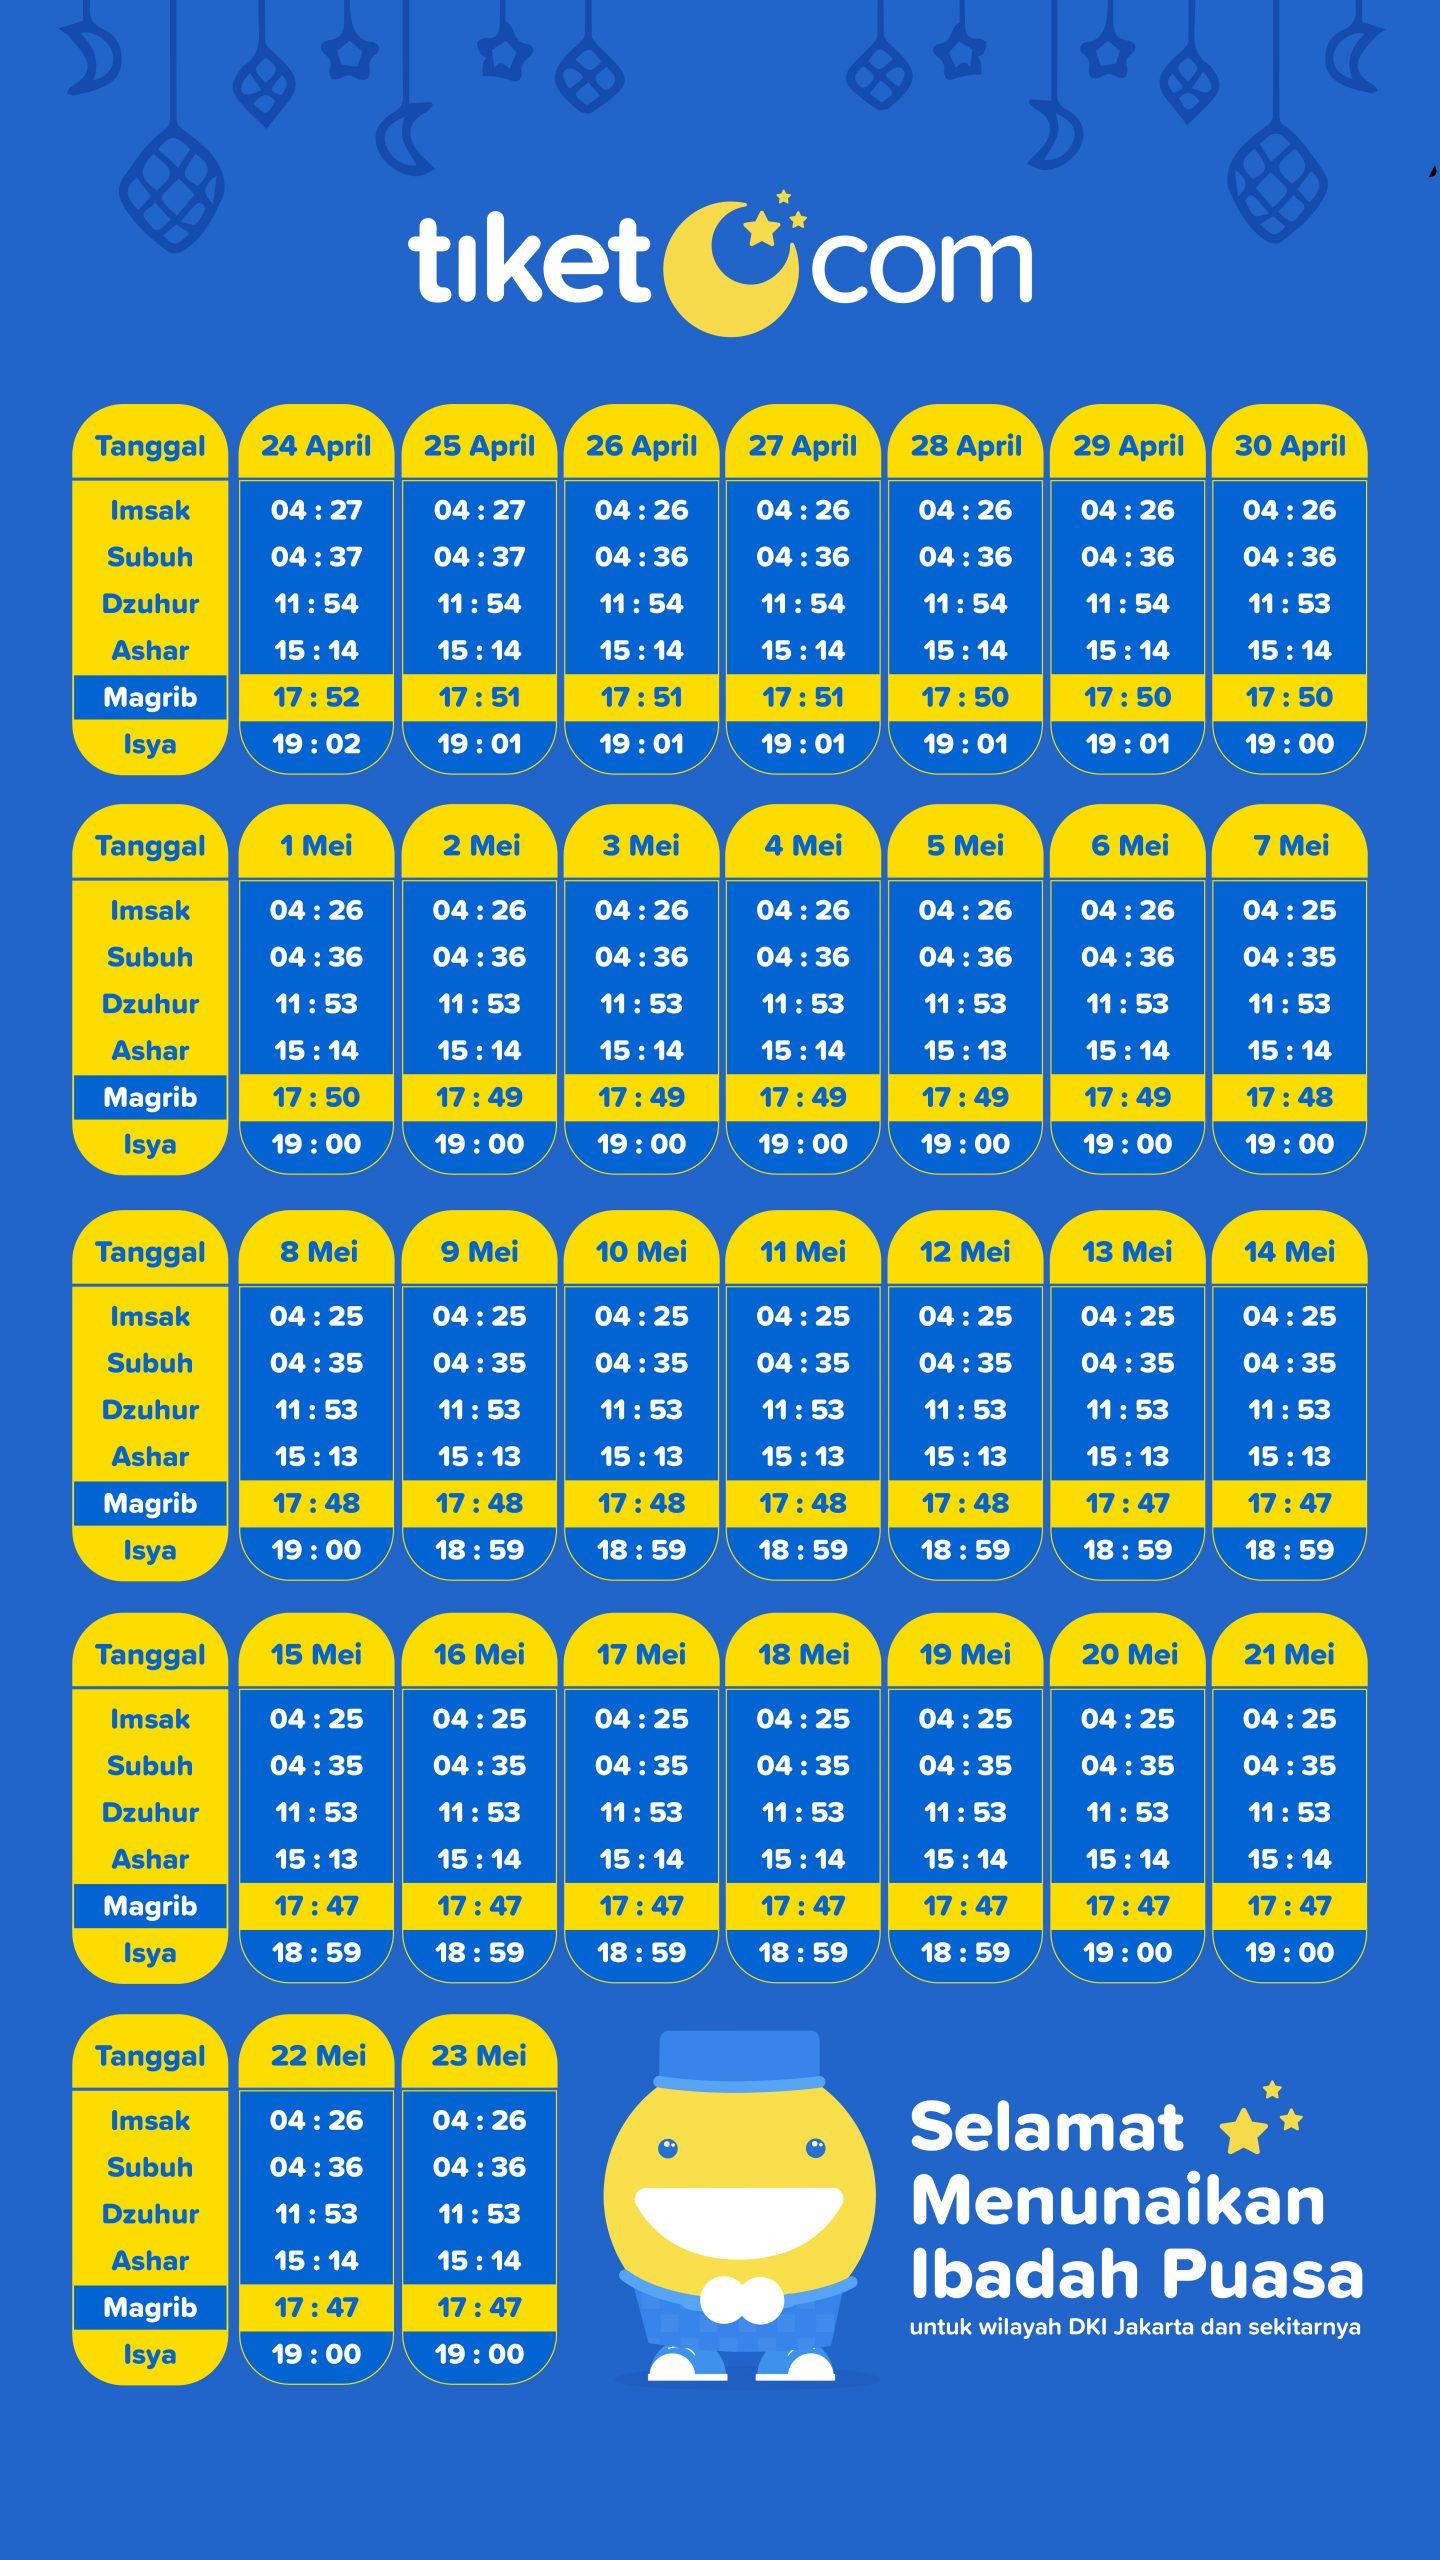 Jadwal Buka Puasa Ramadhan & Imsakiyah 2020 | tiket.com